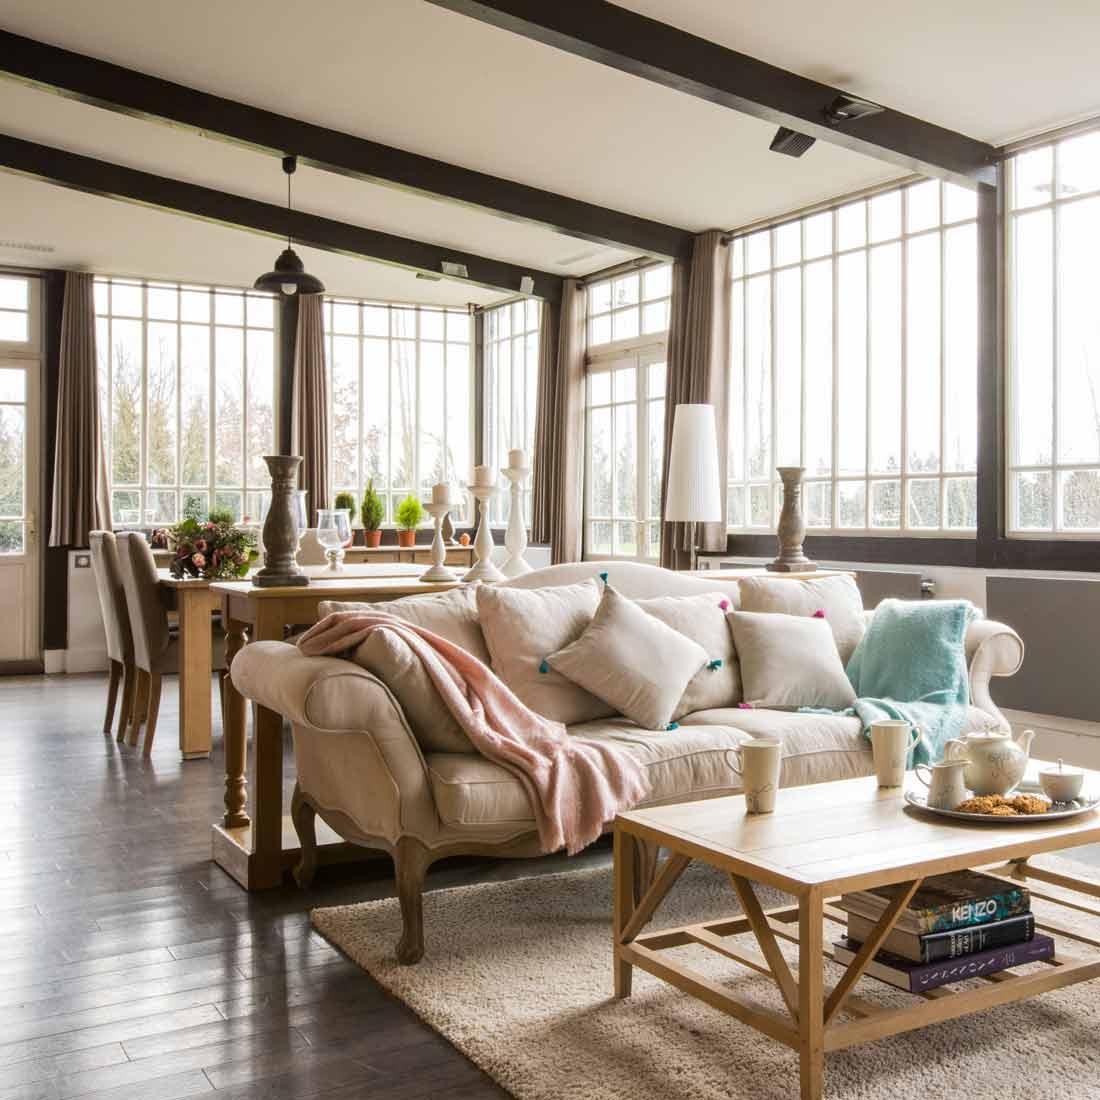 Maison De Campagne Vexin extension de maison - cosy side - design d'intérieur - vexin